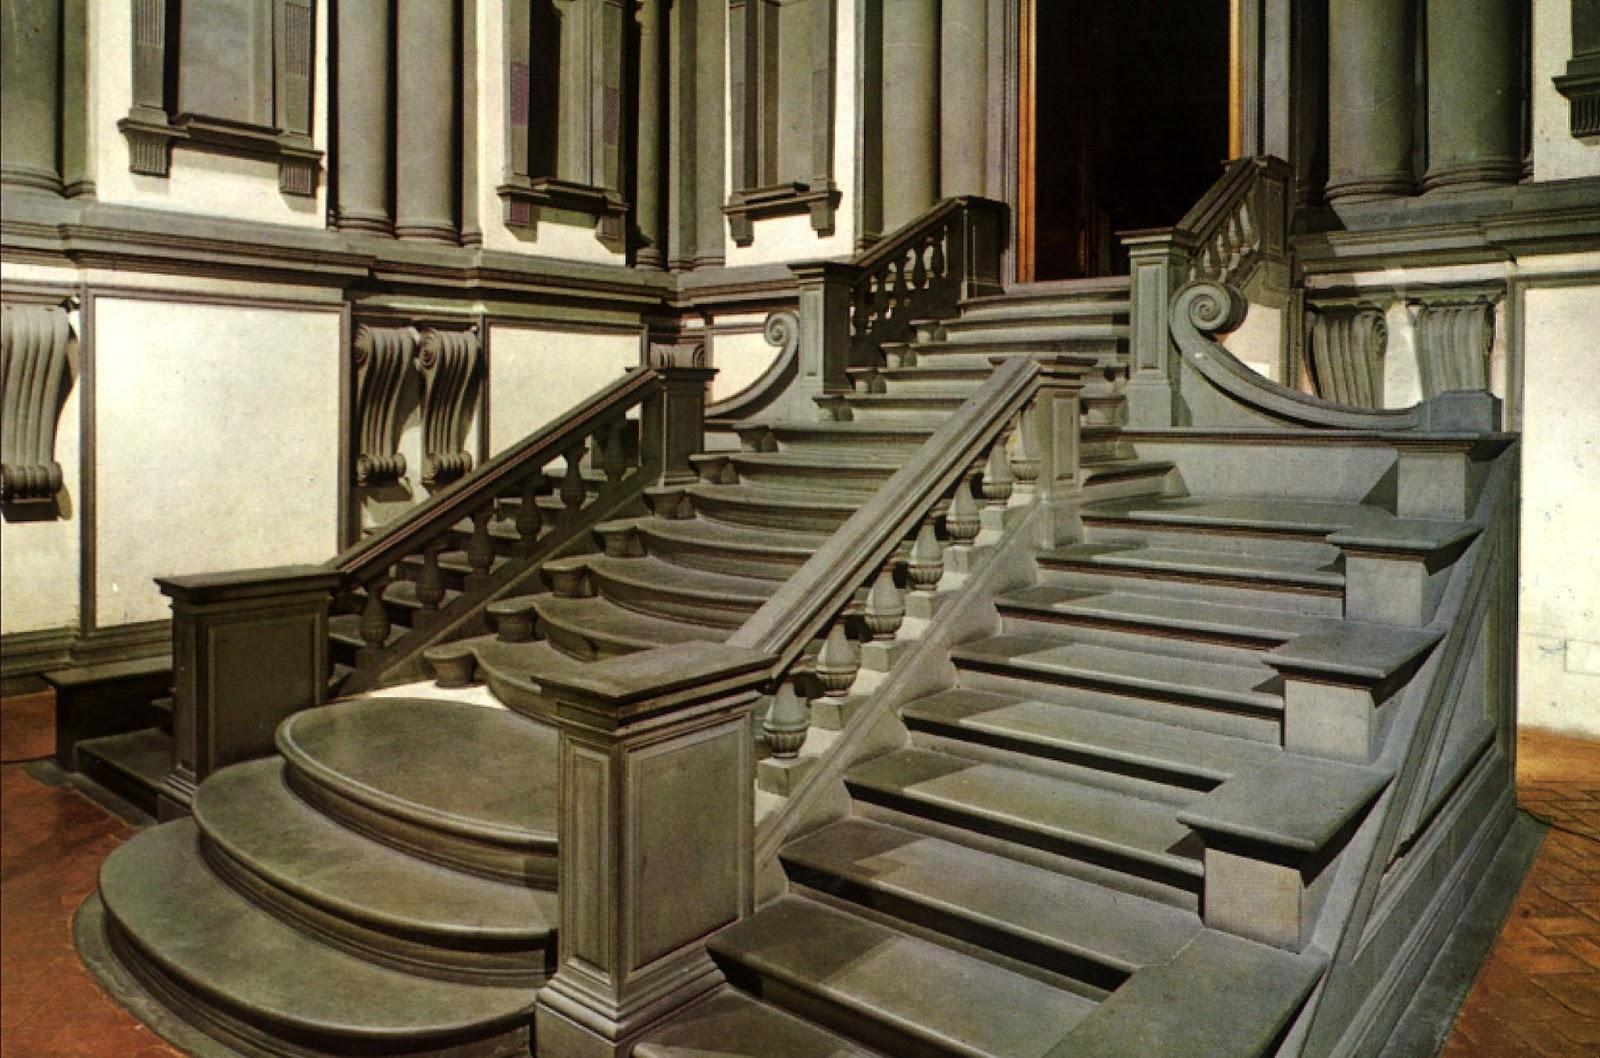 Miguel angel buonarroti escalera laurenciana - Escaleras para bibliotecas ...